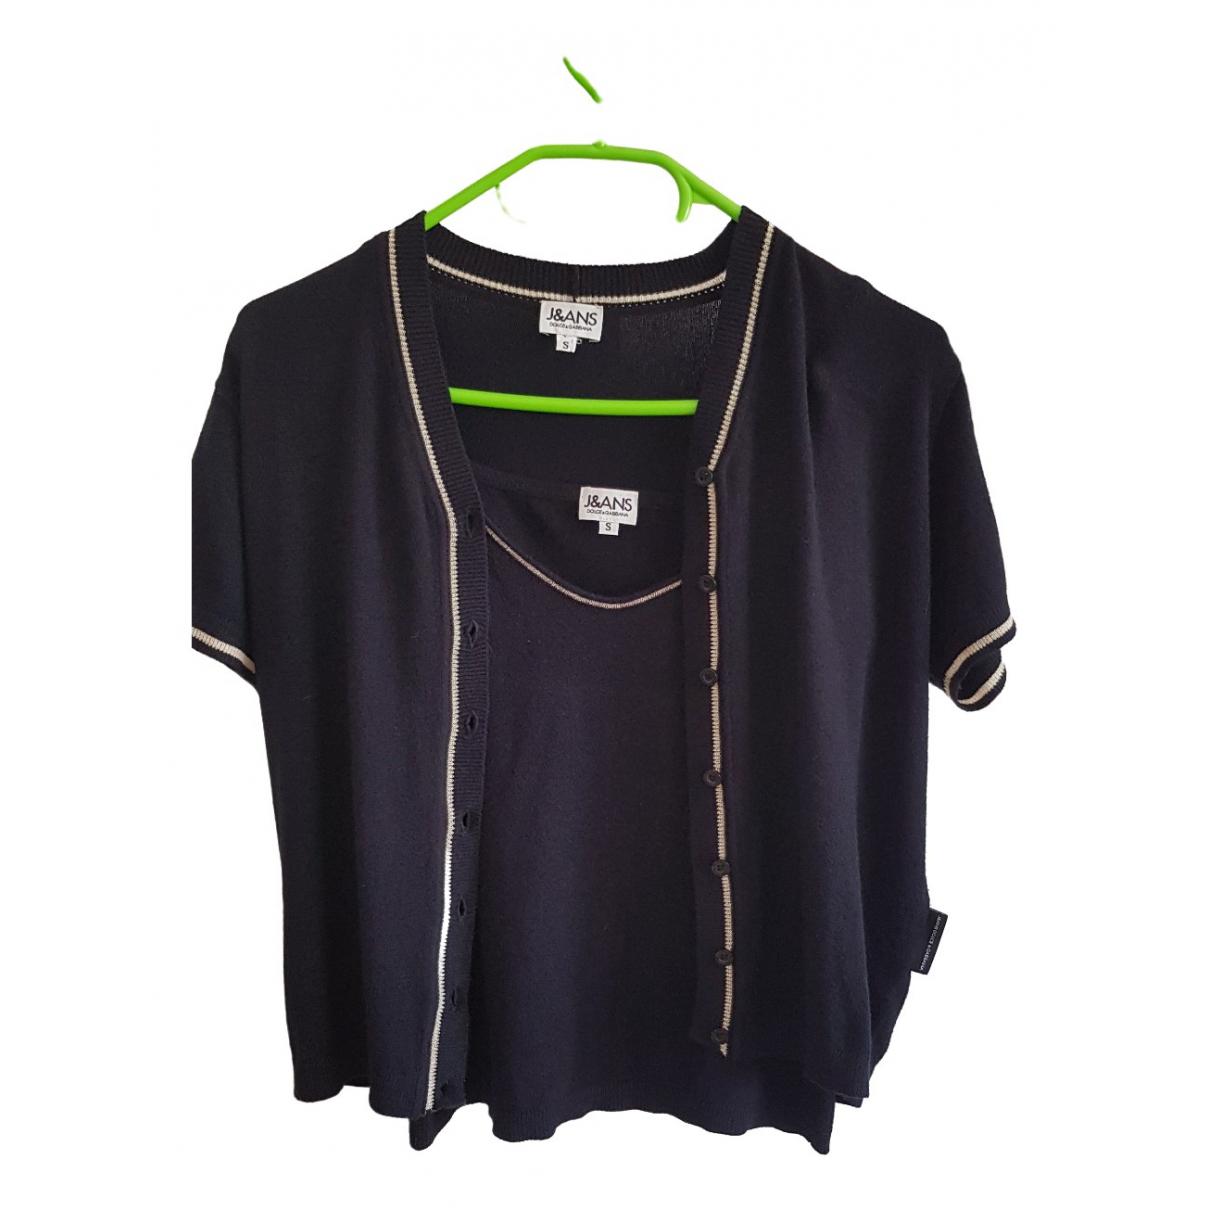 D&g \N Pullover in  Schwarz Viskose